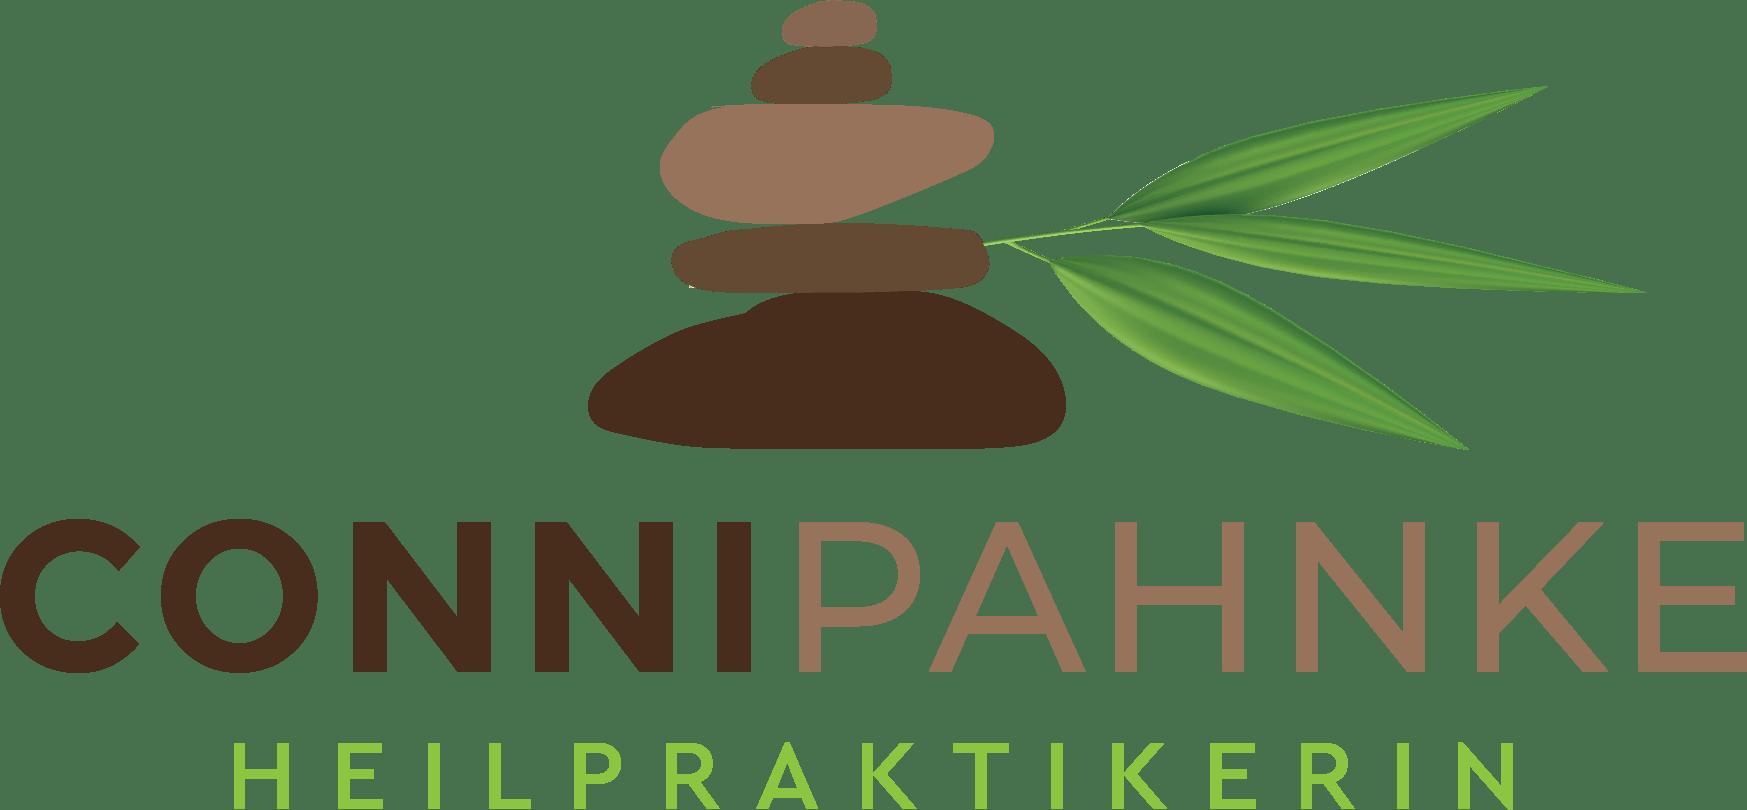 16606_Conni_Pahnke_RB_PB-01